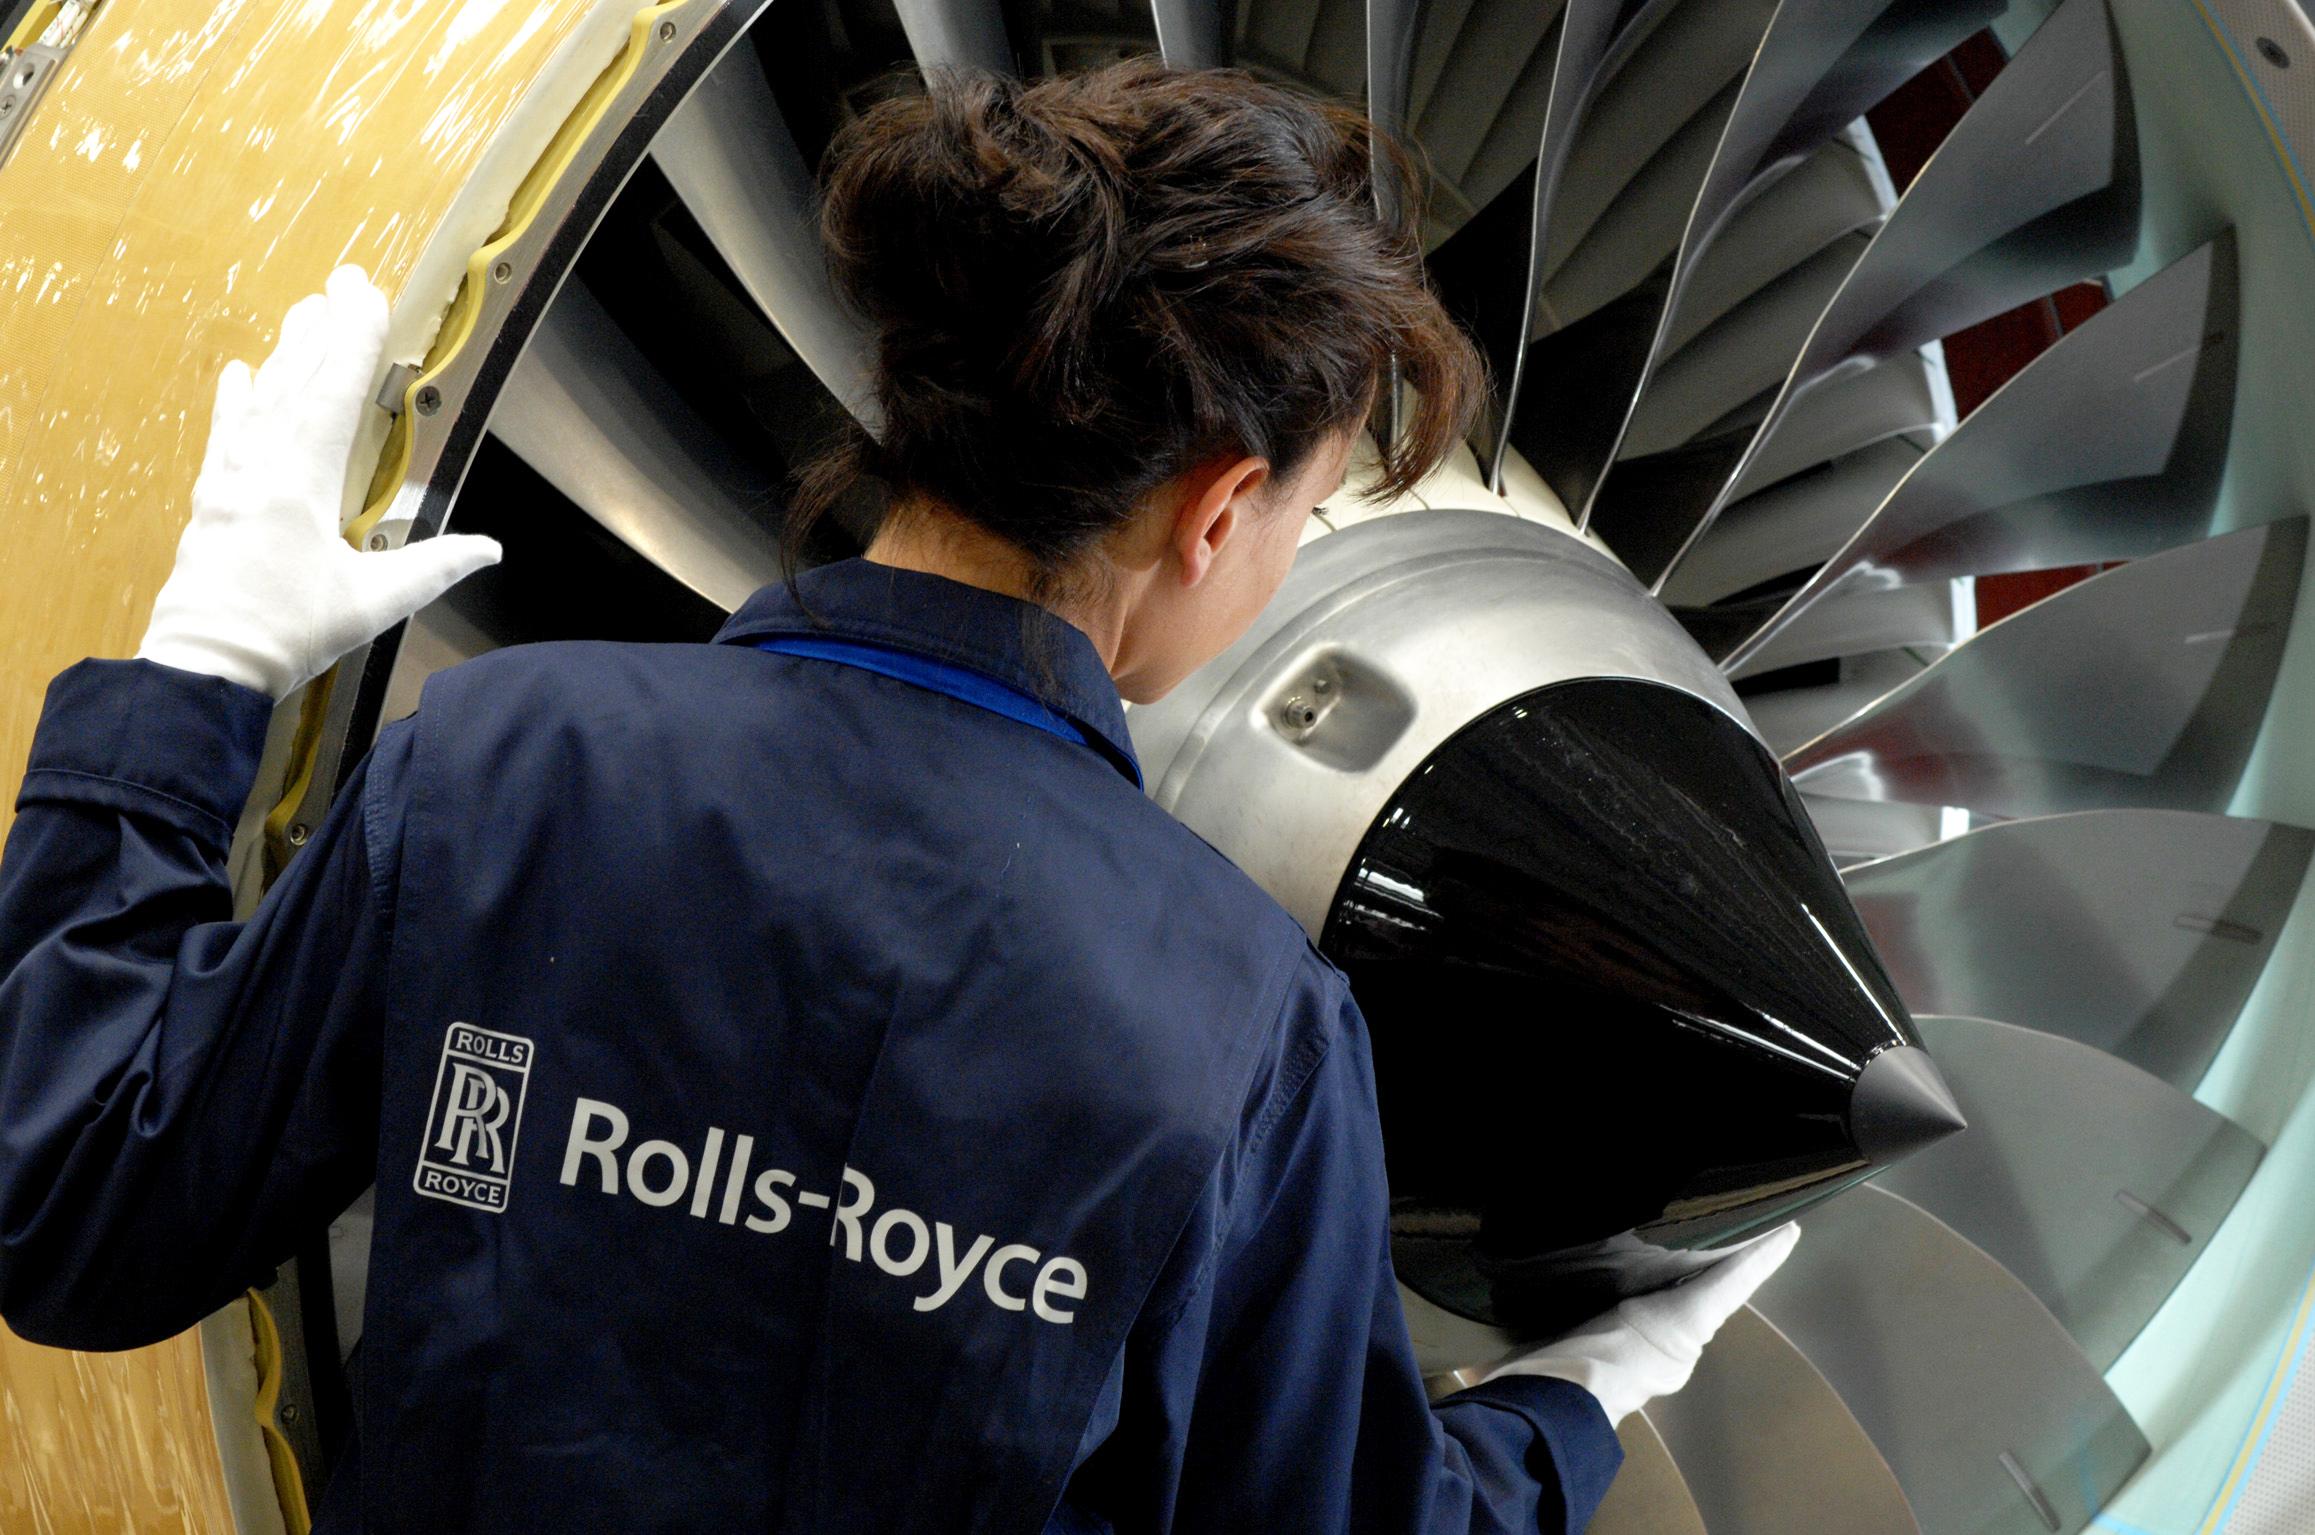 Ingénieure Rolls-Royce avec turboréacteur BR700 (crédits: © Rolls-Royce PLC / Flickr Creative Commons Attribution - Pas d'Utilisation Commerciale - Pas de Modification 2.0 Générique (CC BY-NC-ND 2.0))